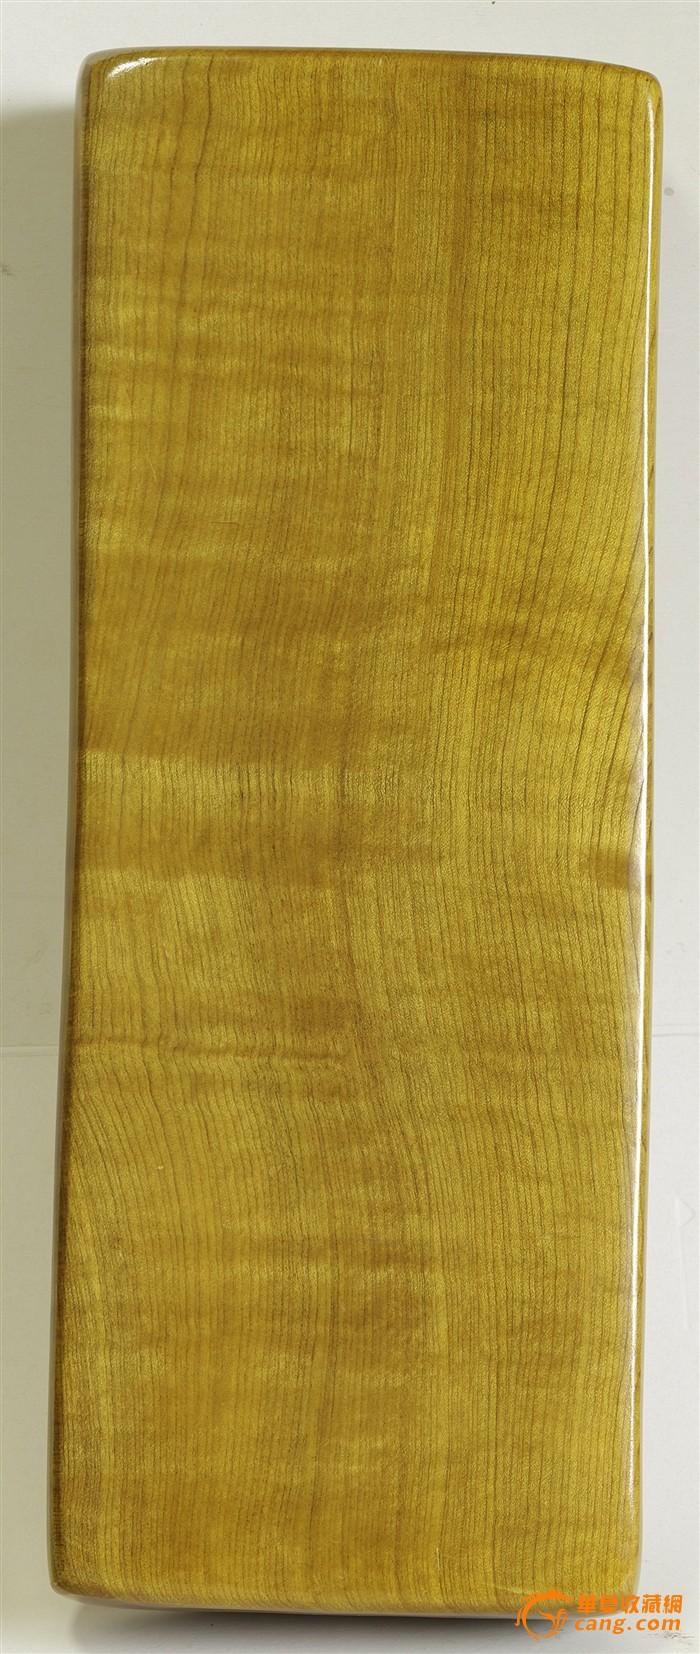 金丝楠木枕头一件_在线拍卖